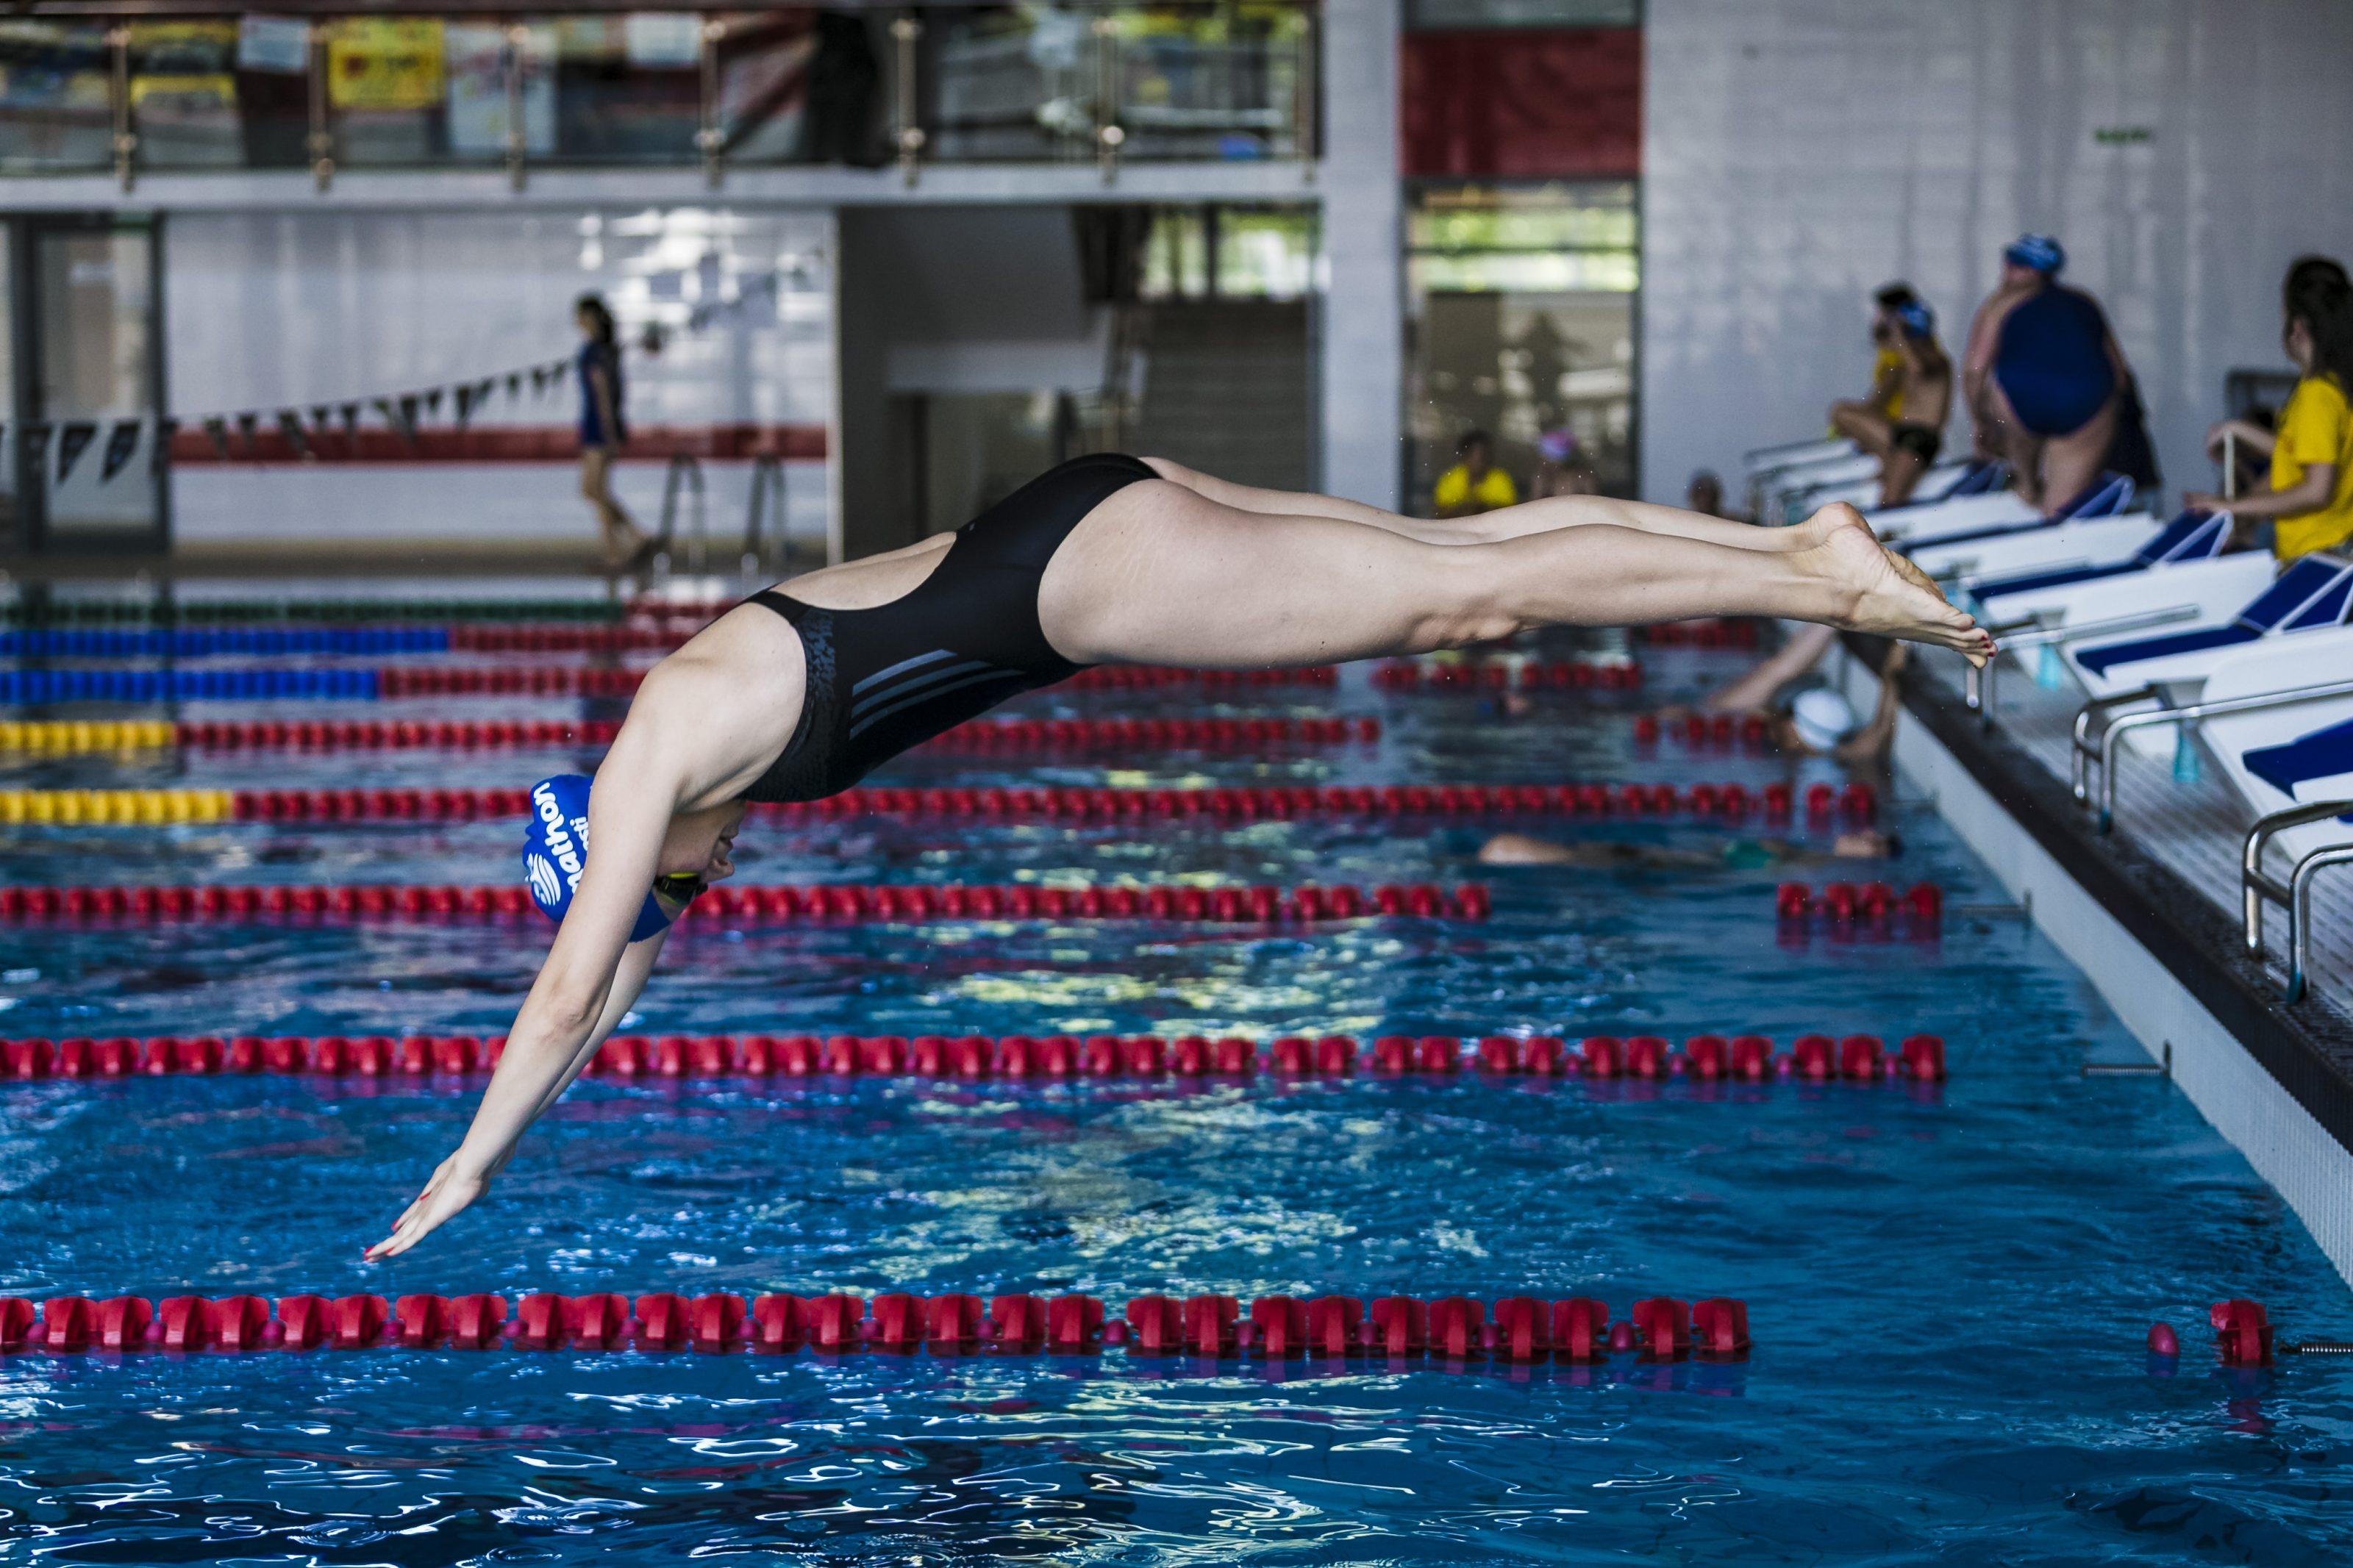 Unele proiecte au încă nevoie de înotători-fundraiseri. Implică-te, 18 mai e ultima zi de înscrieri!